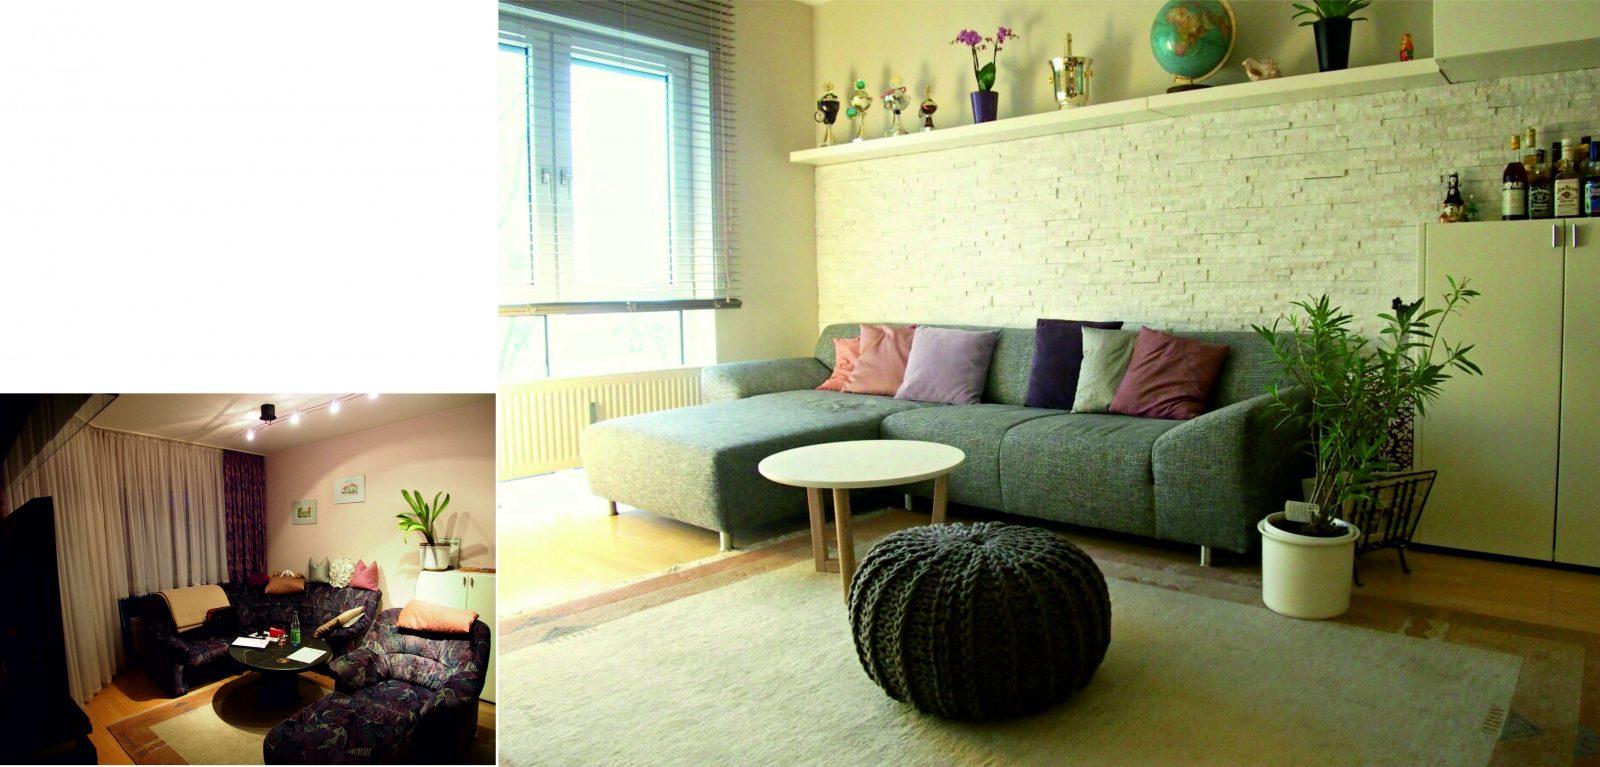 Wohnzimmer Neu Gestalten Mit Wenig Geld Designideen Von Wohnzimmer von Wohnzimmer Neu Gestalten Mit Wenig Geld Bild